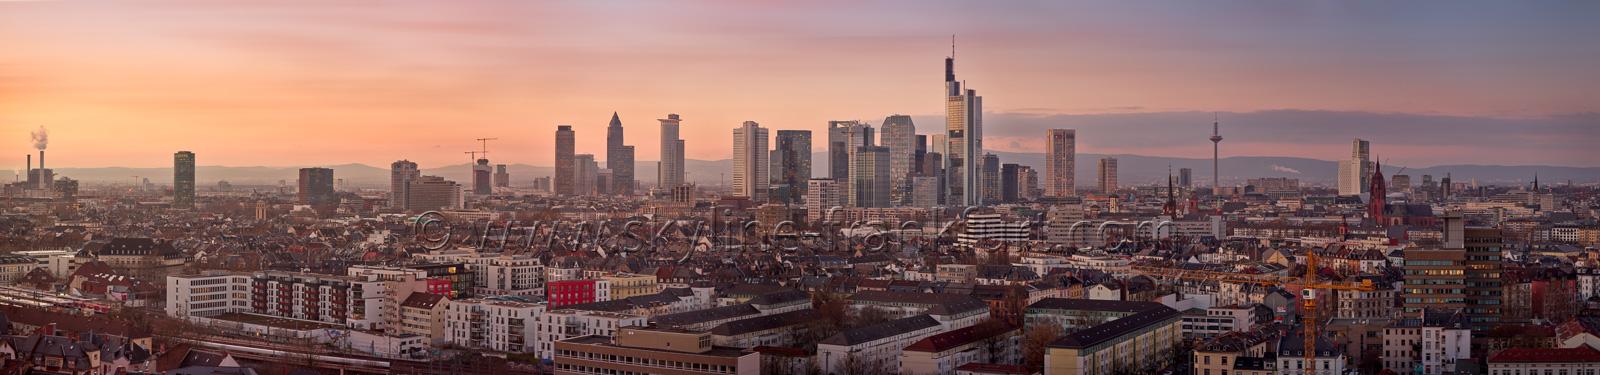 skyline-frankfurt-233